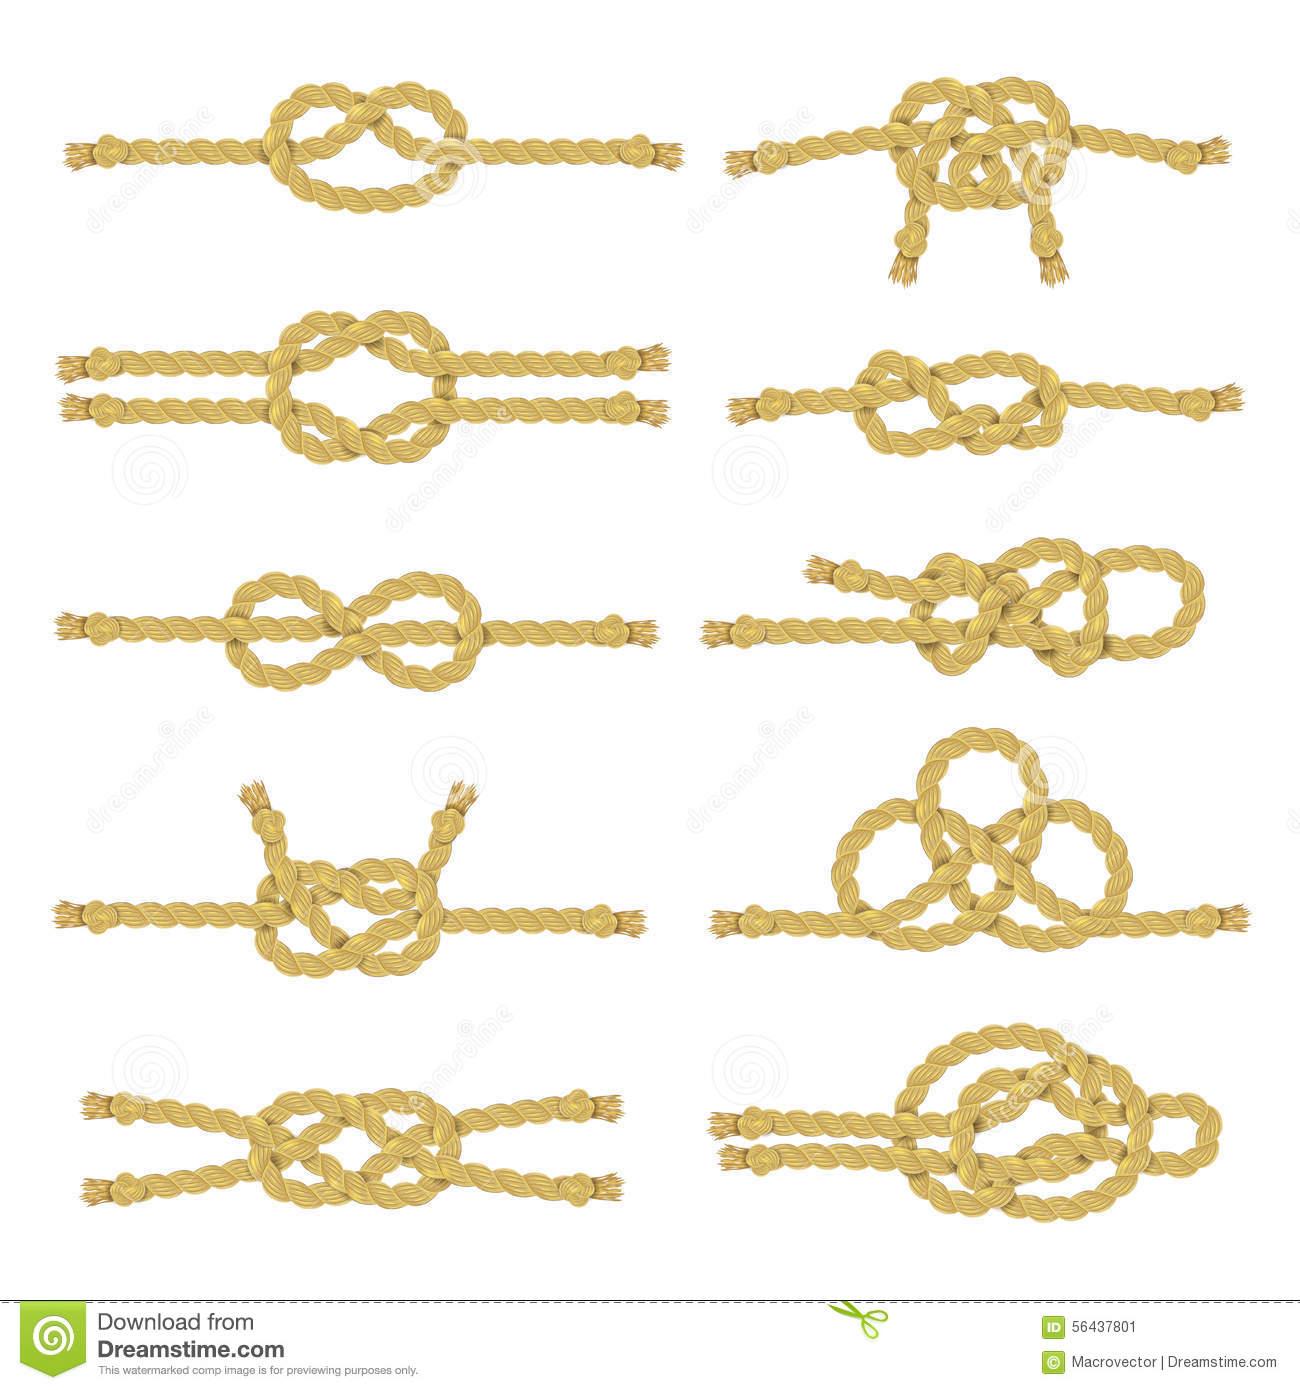 Как сделать морские узлы фото